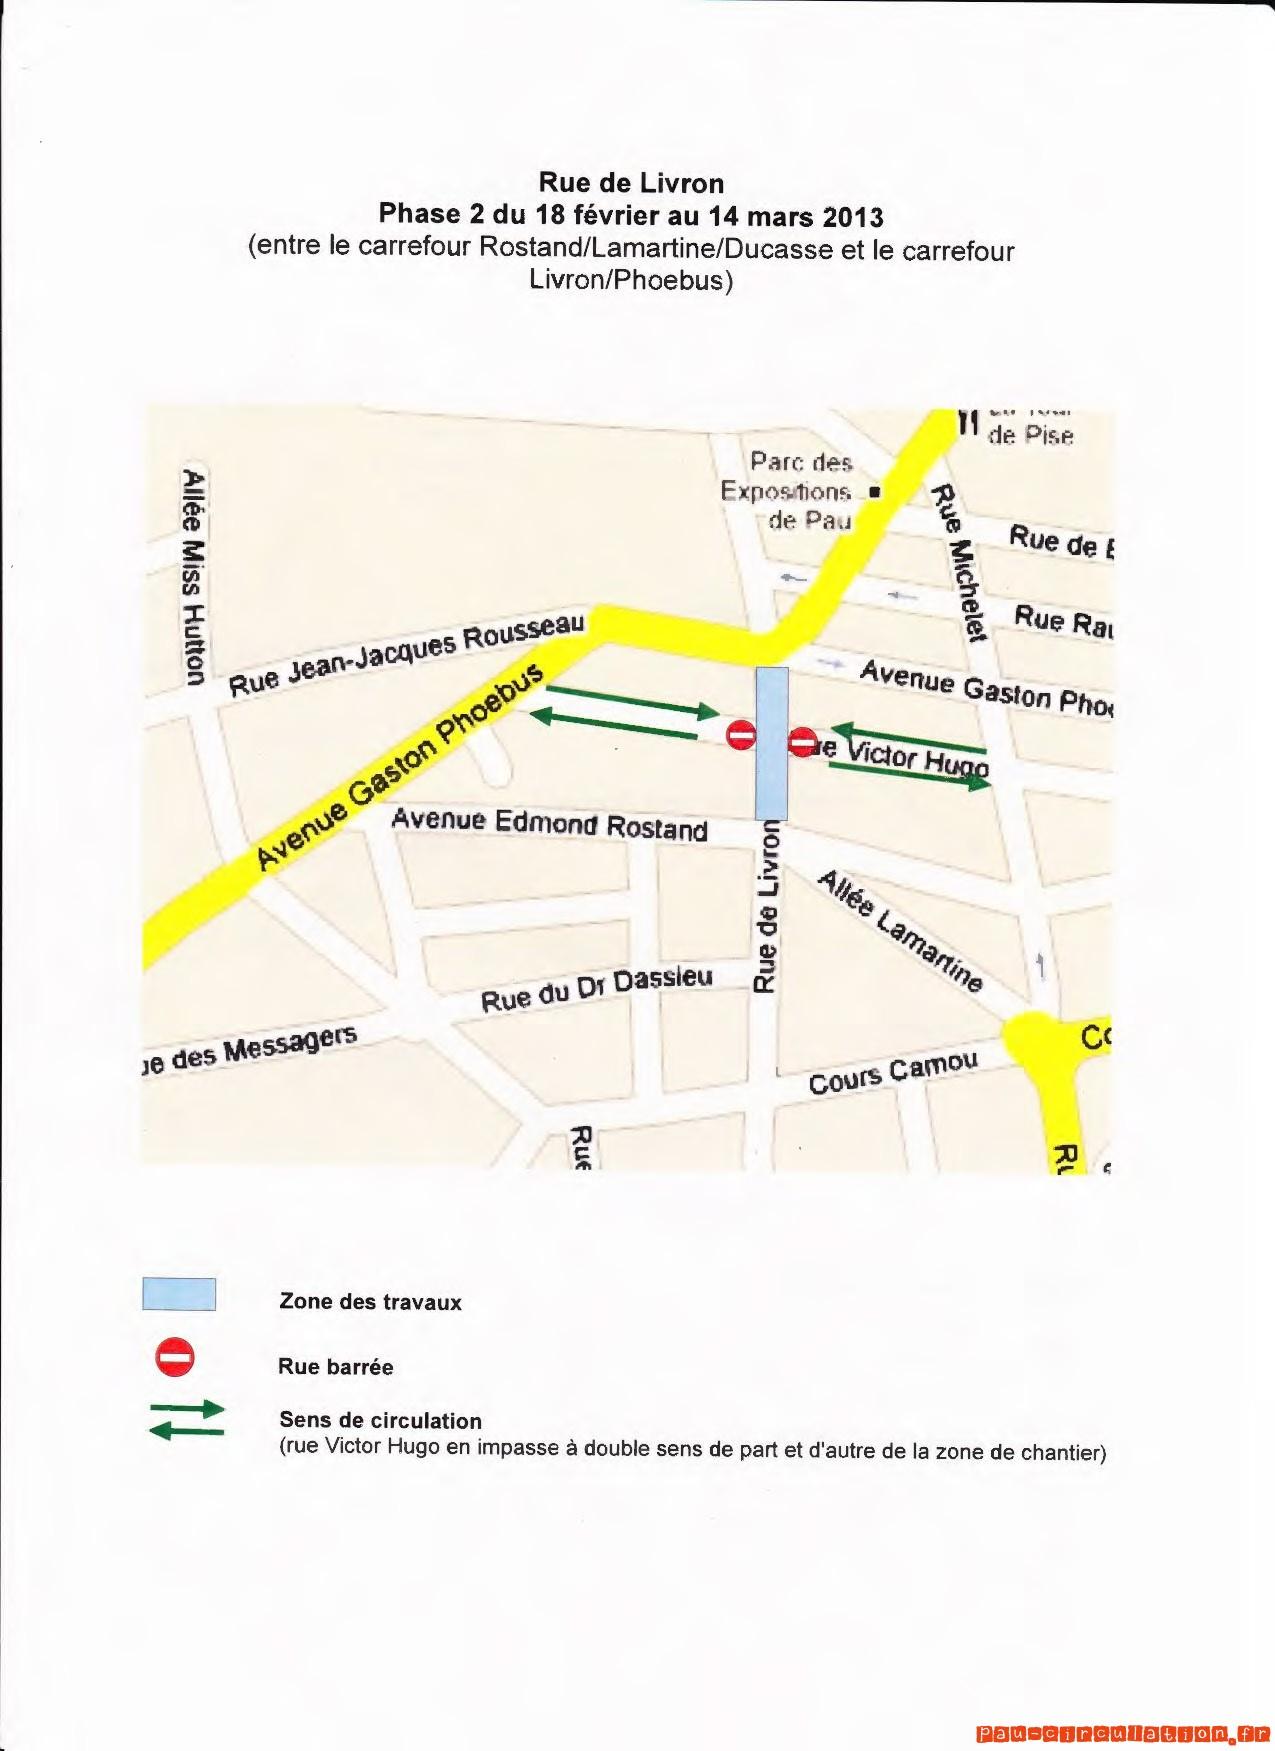 Rénovation Rue de Livron – Phase 02 du 18 février au 14 mars 2013